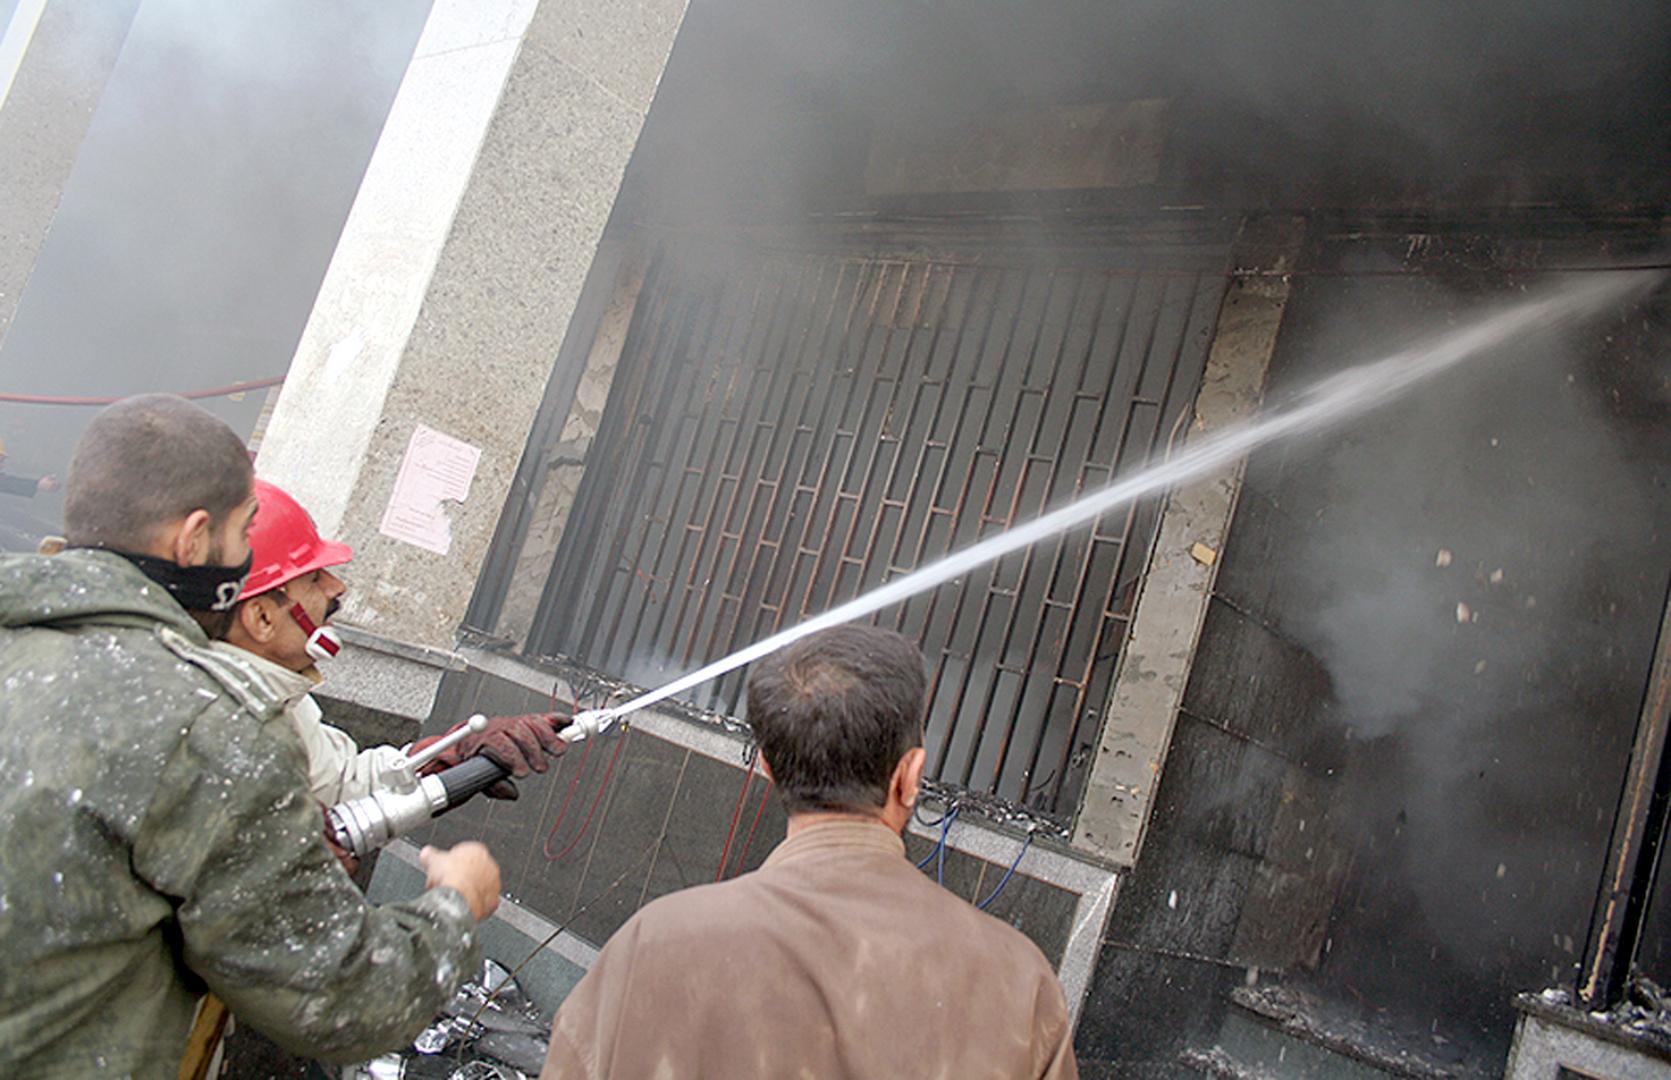 بالفيديو.. إصابات بانفجار للغاز في مجمع سكني بمدينة الأهواز بإيران